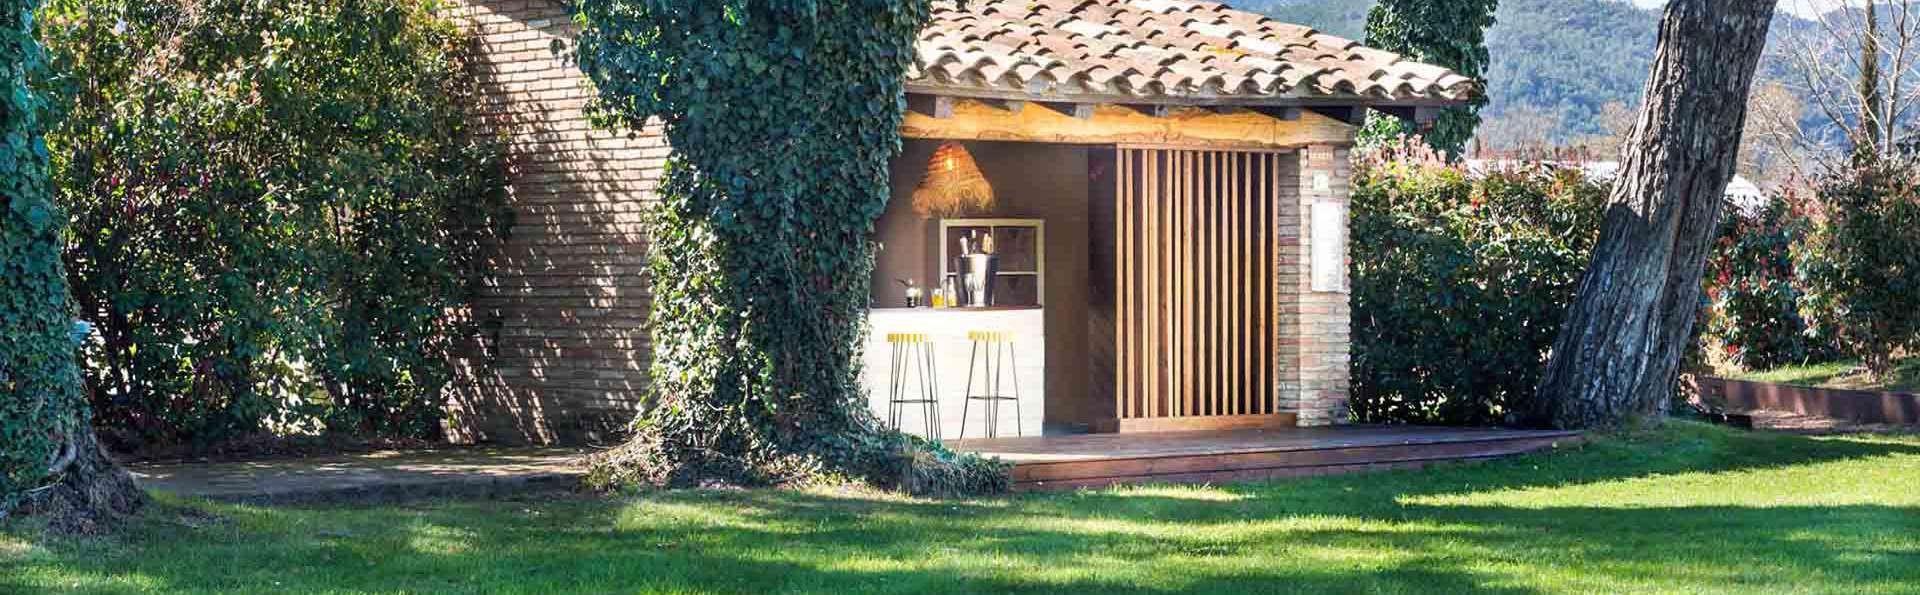 Week-end romantique à Santa Coloma de Farners sur la Costa Brava